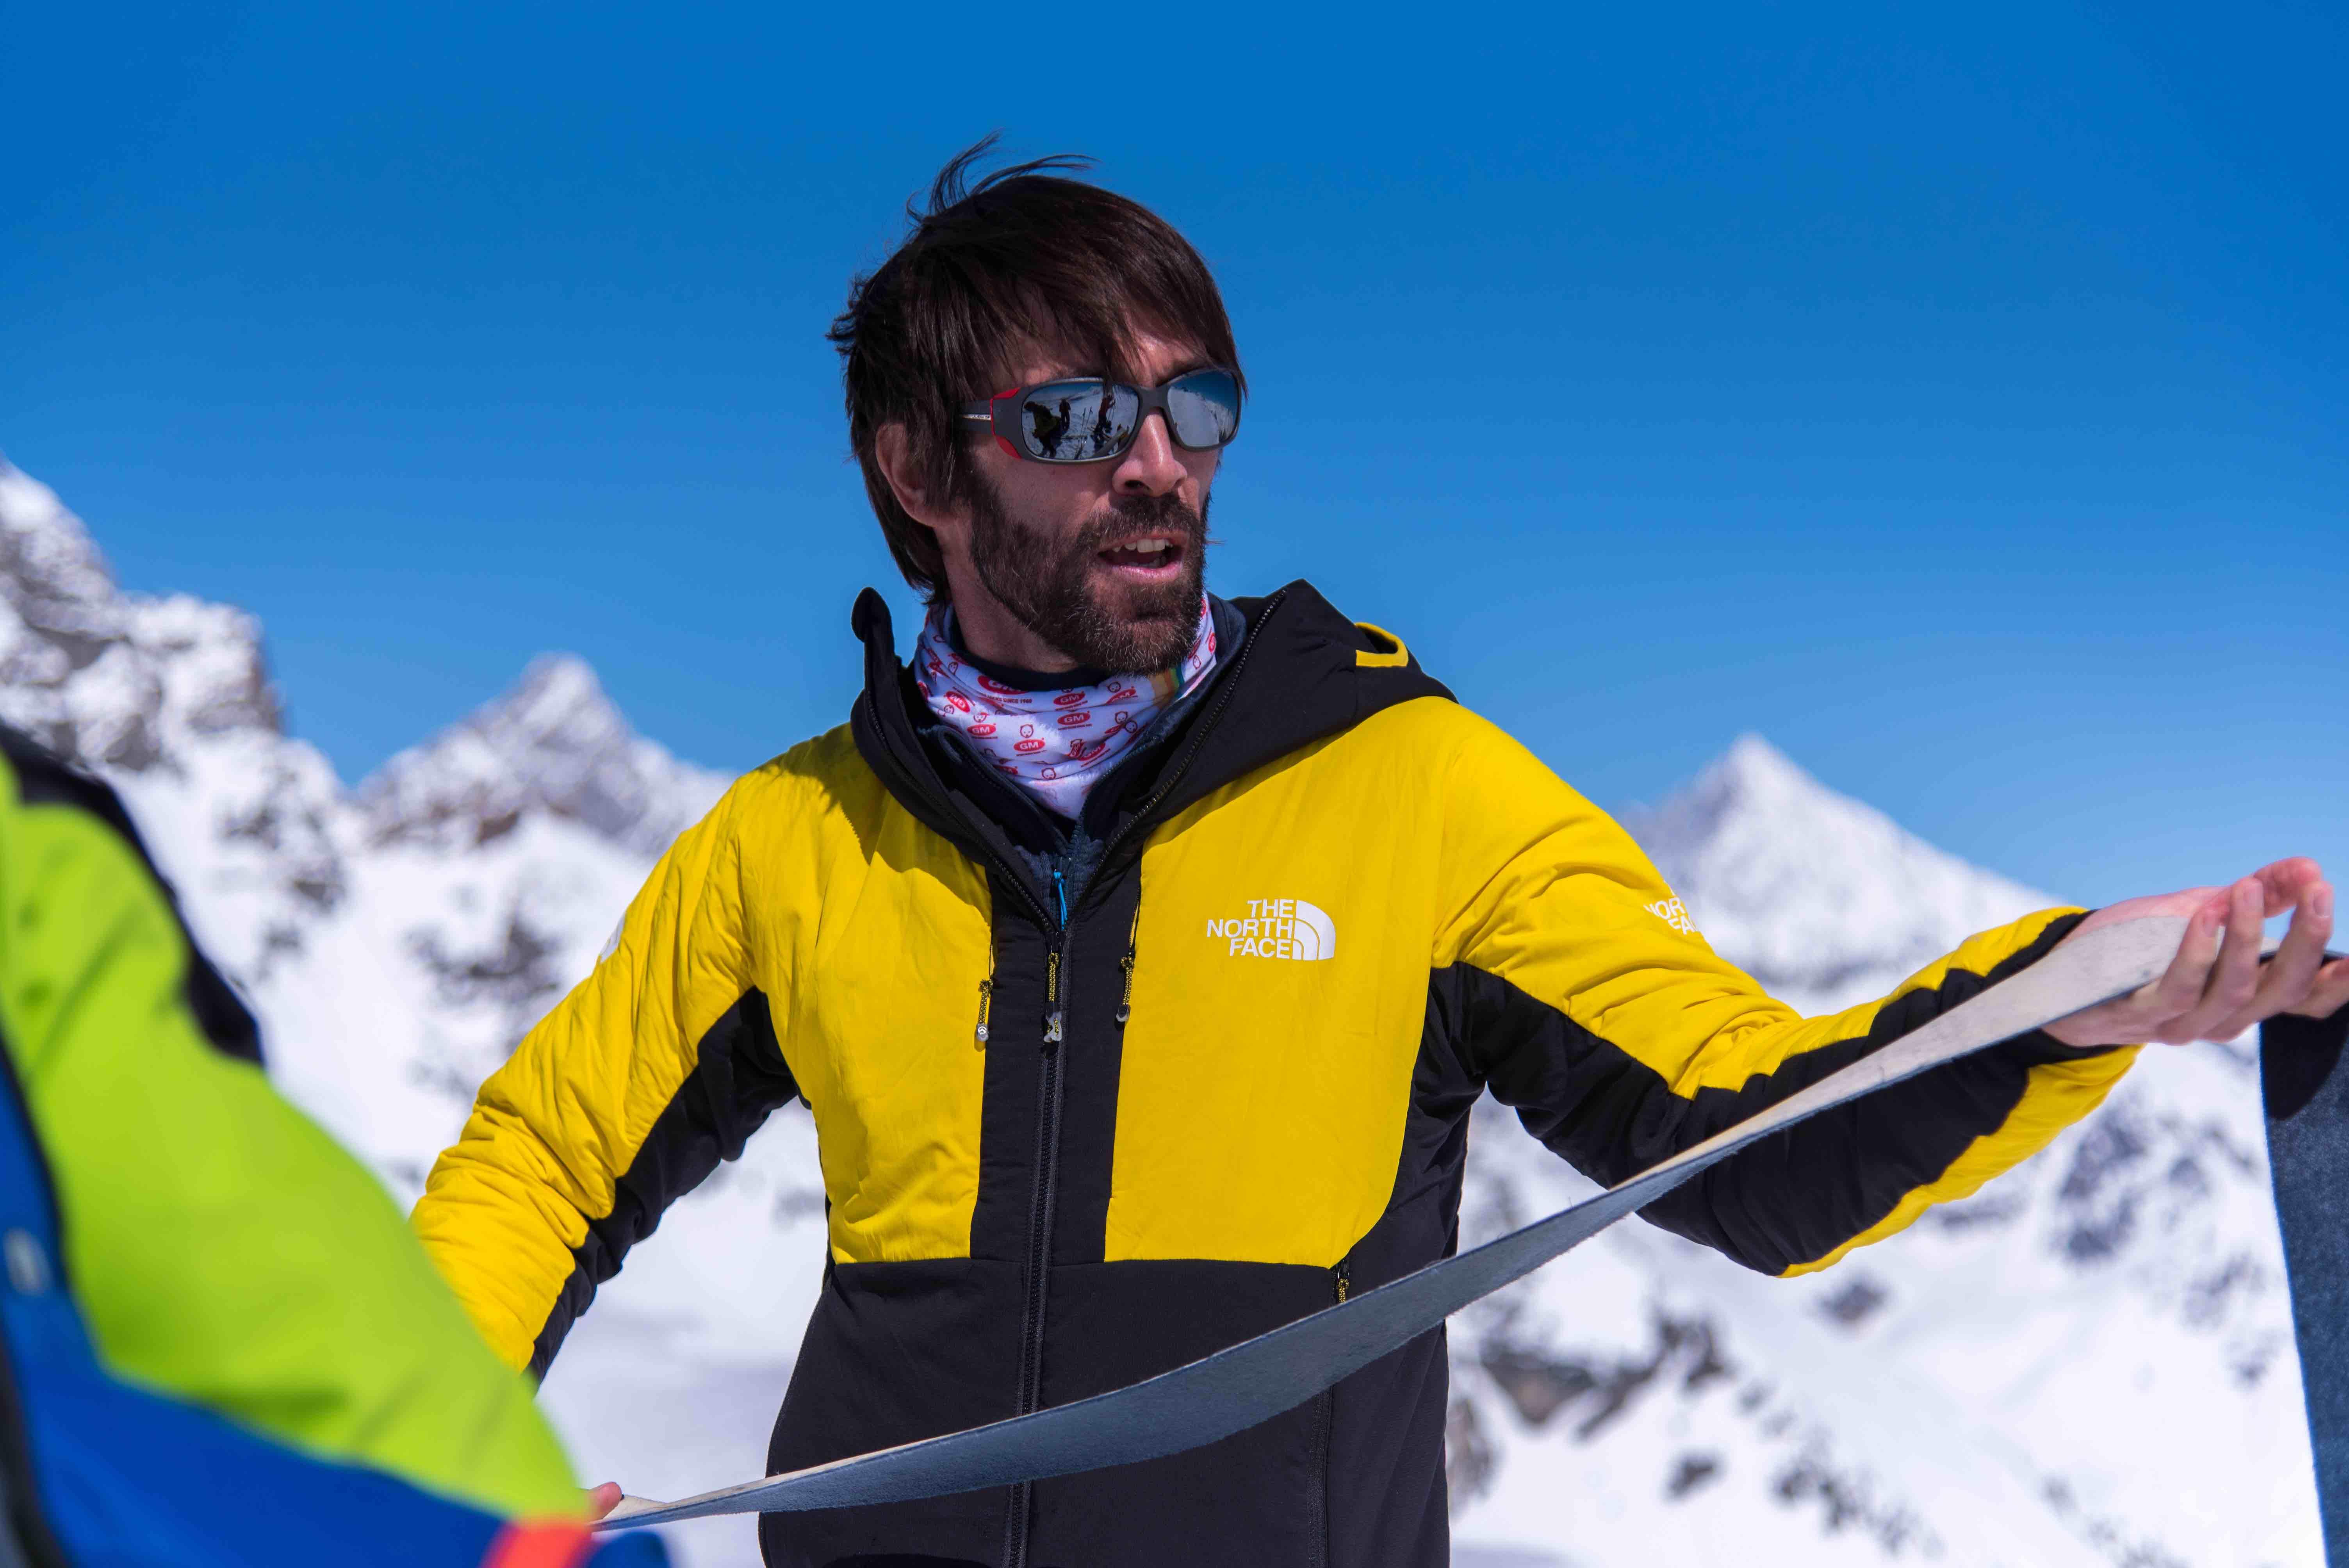 In Montagna con Hervé Barmasse: sci-alpinismo, riflessioni e amicizia